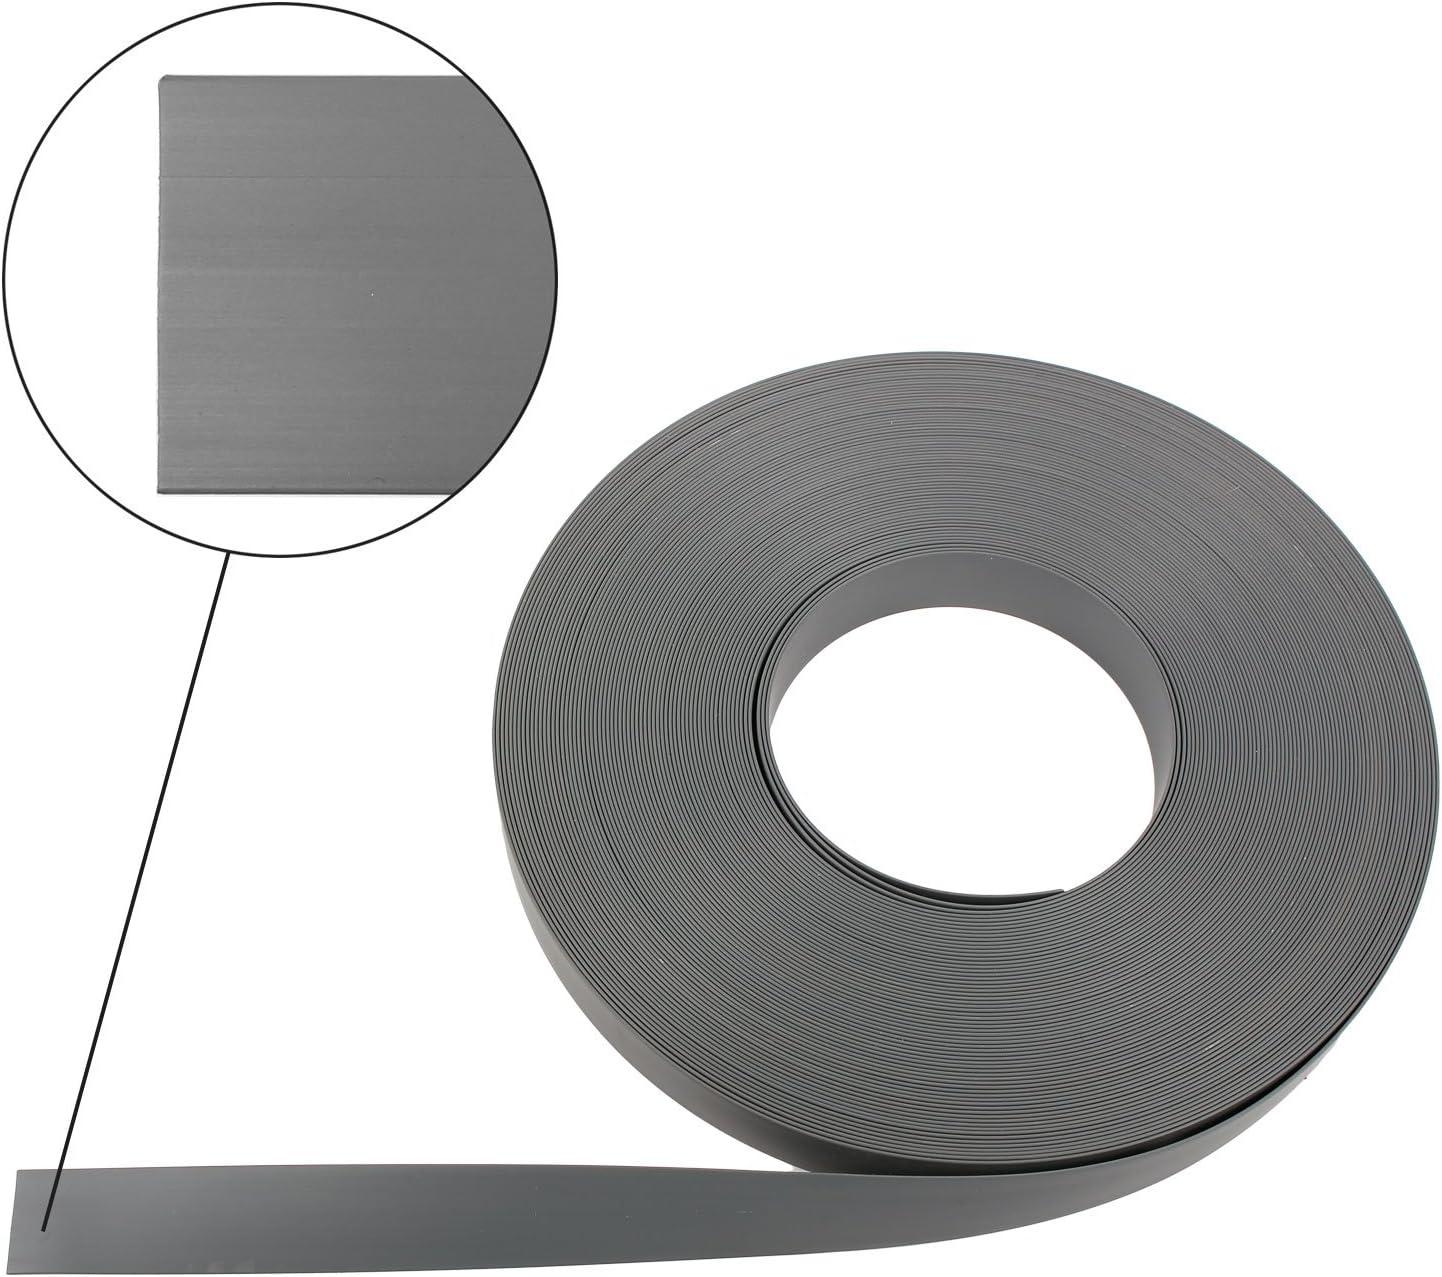 Einlegeband Leistenfüller Gummiprofil Weiß 60 Meter